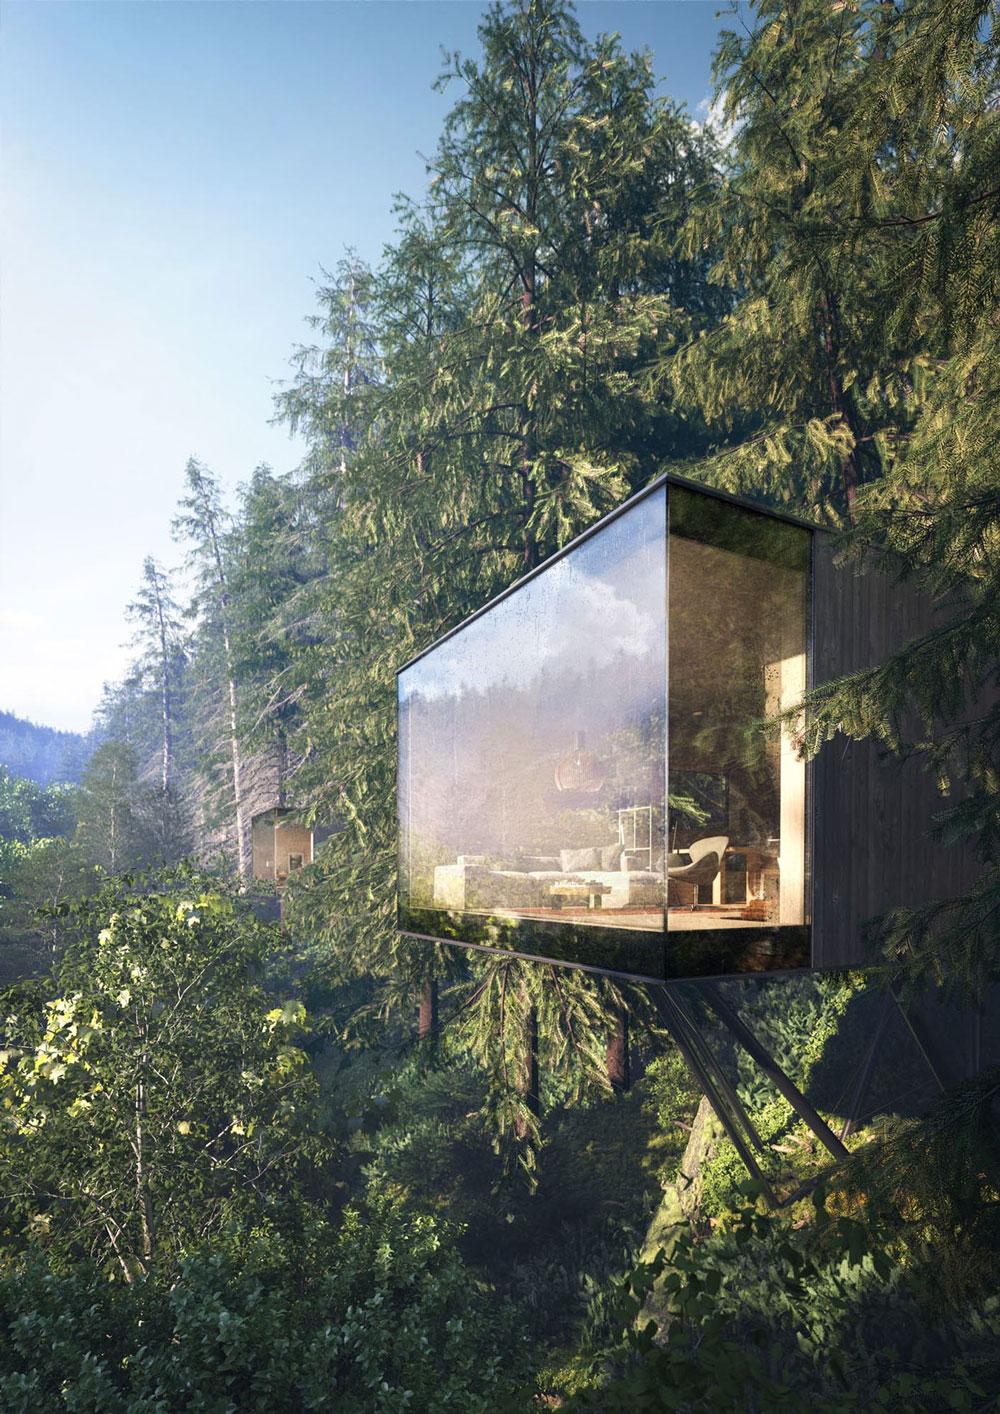 Revugia+Spa+&+Wellness+Resort+Hotel-Visual+Atelier+8-12.jpg